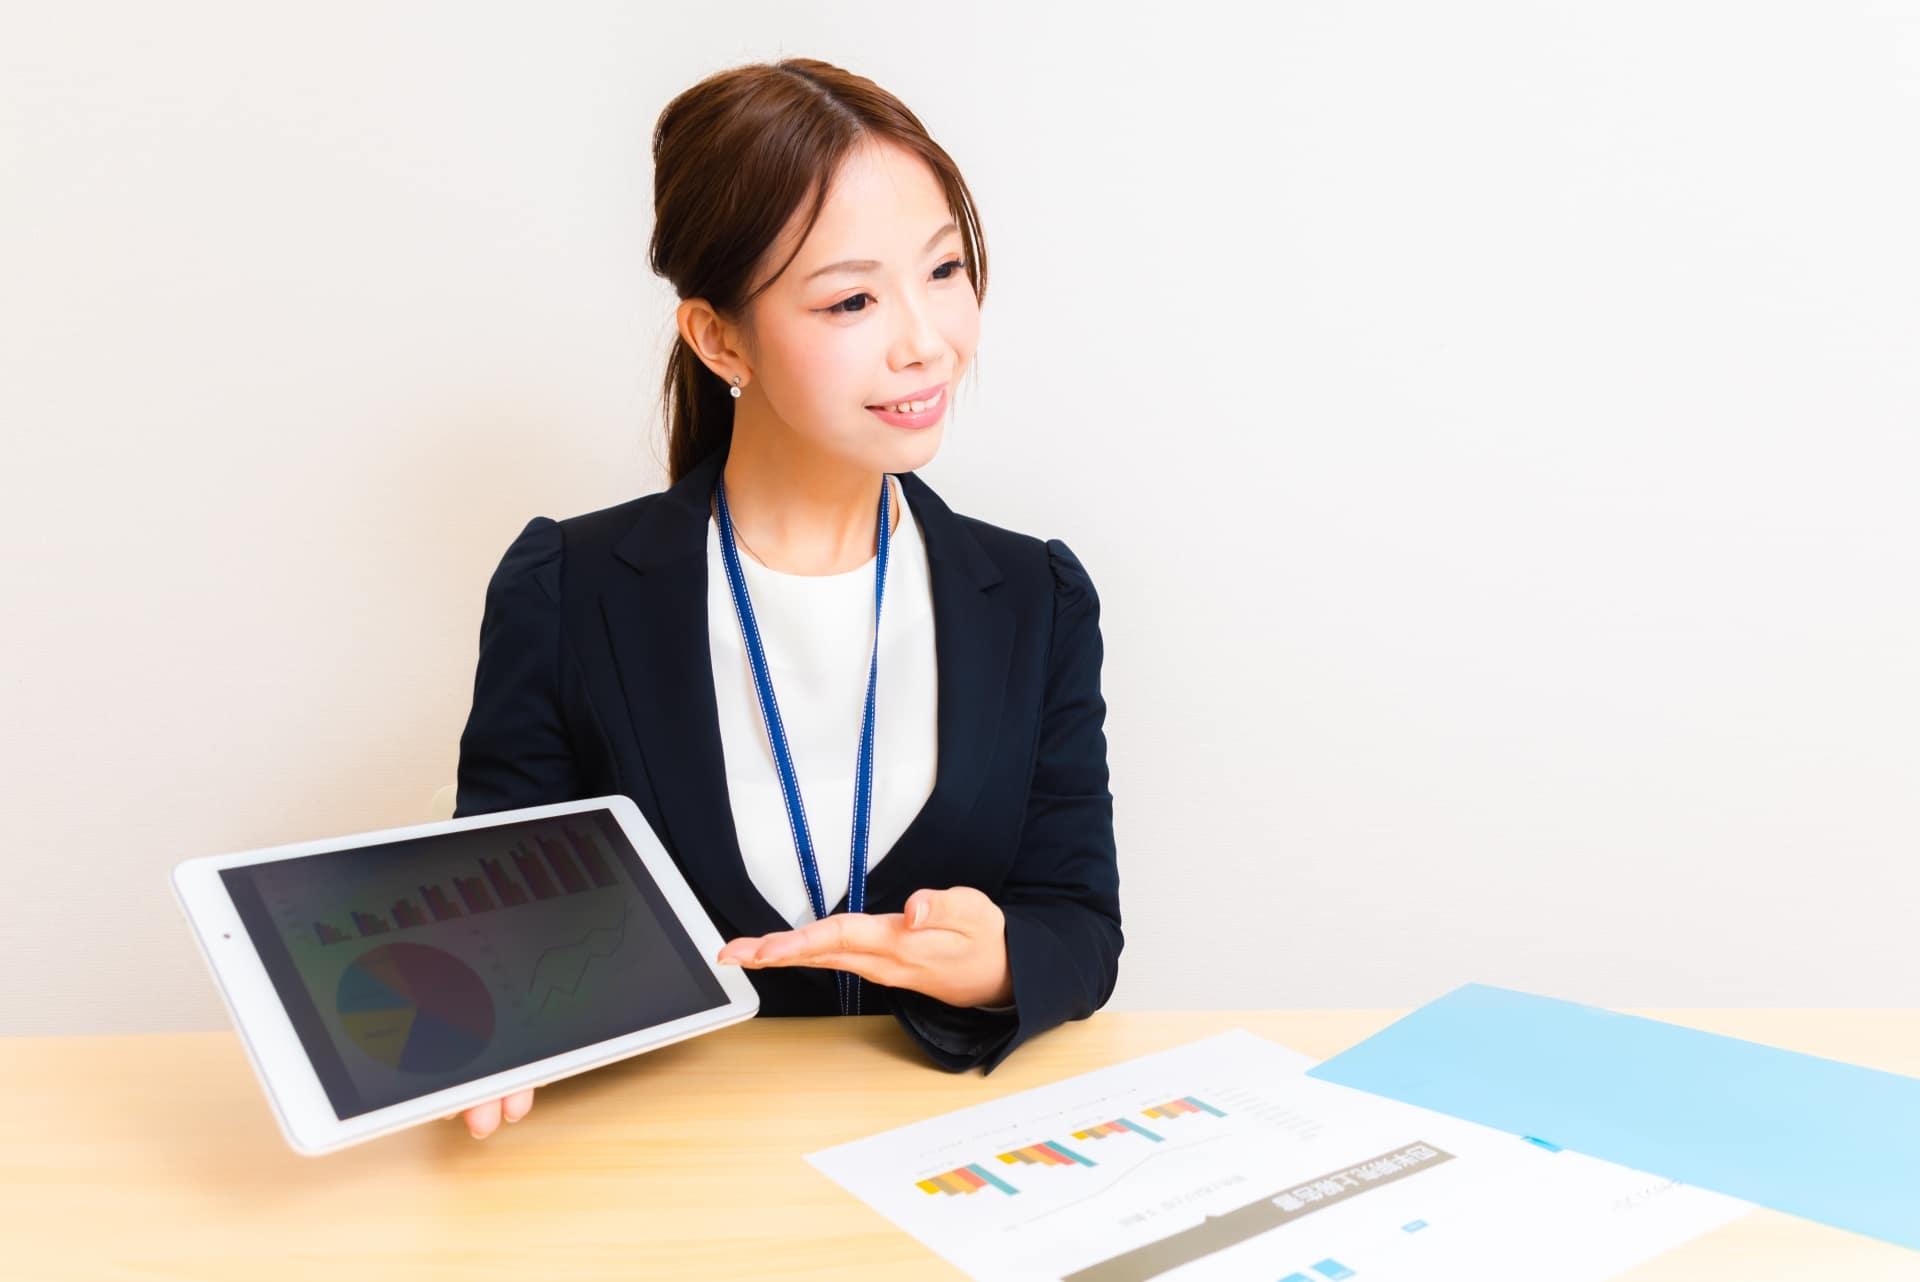 分析データ、説明する女性